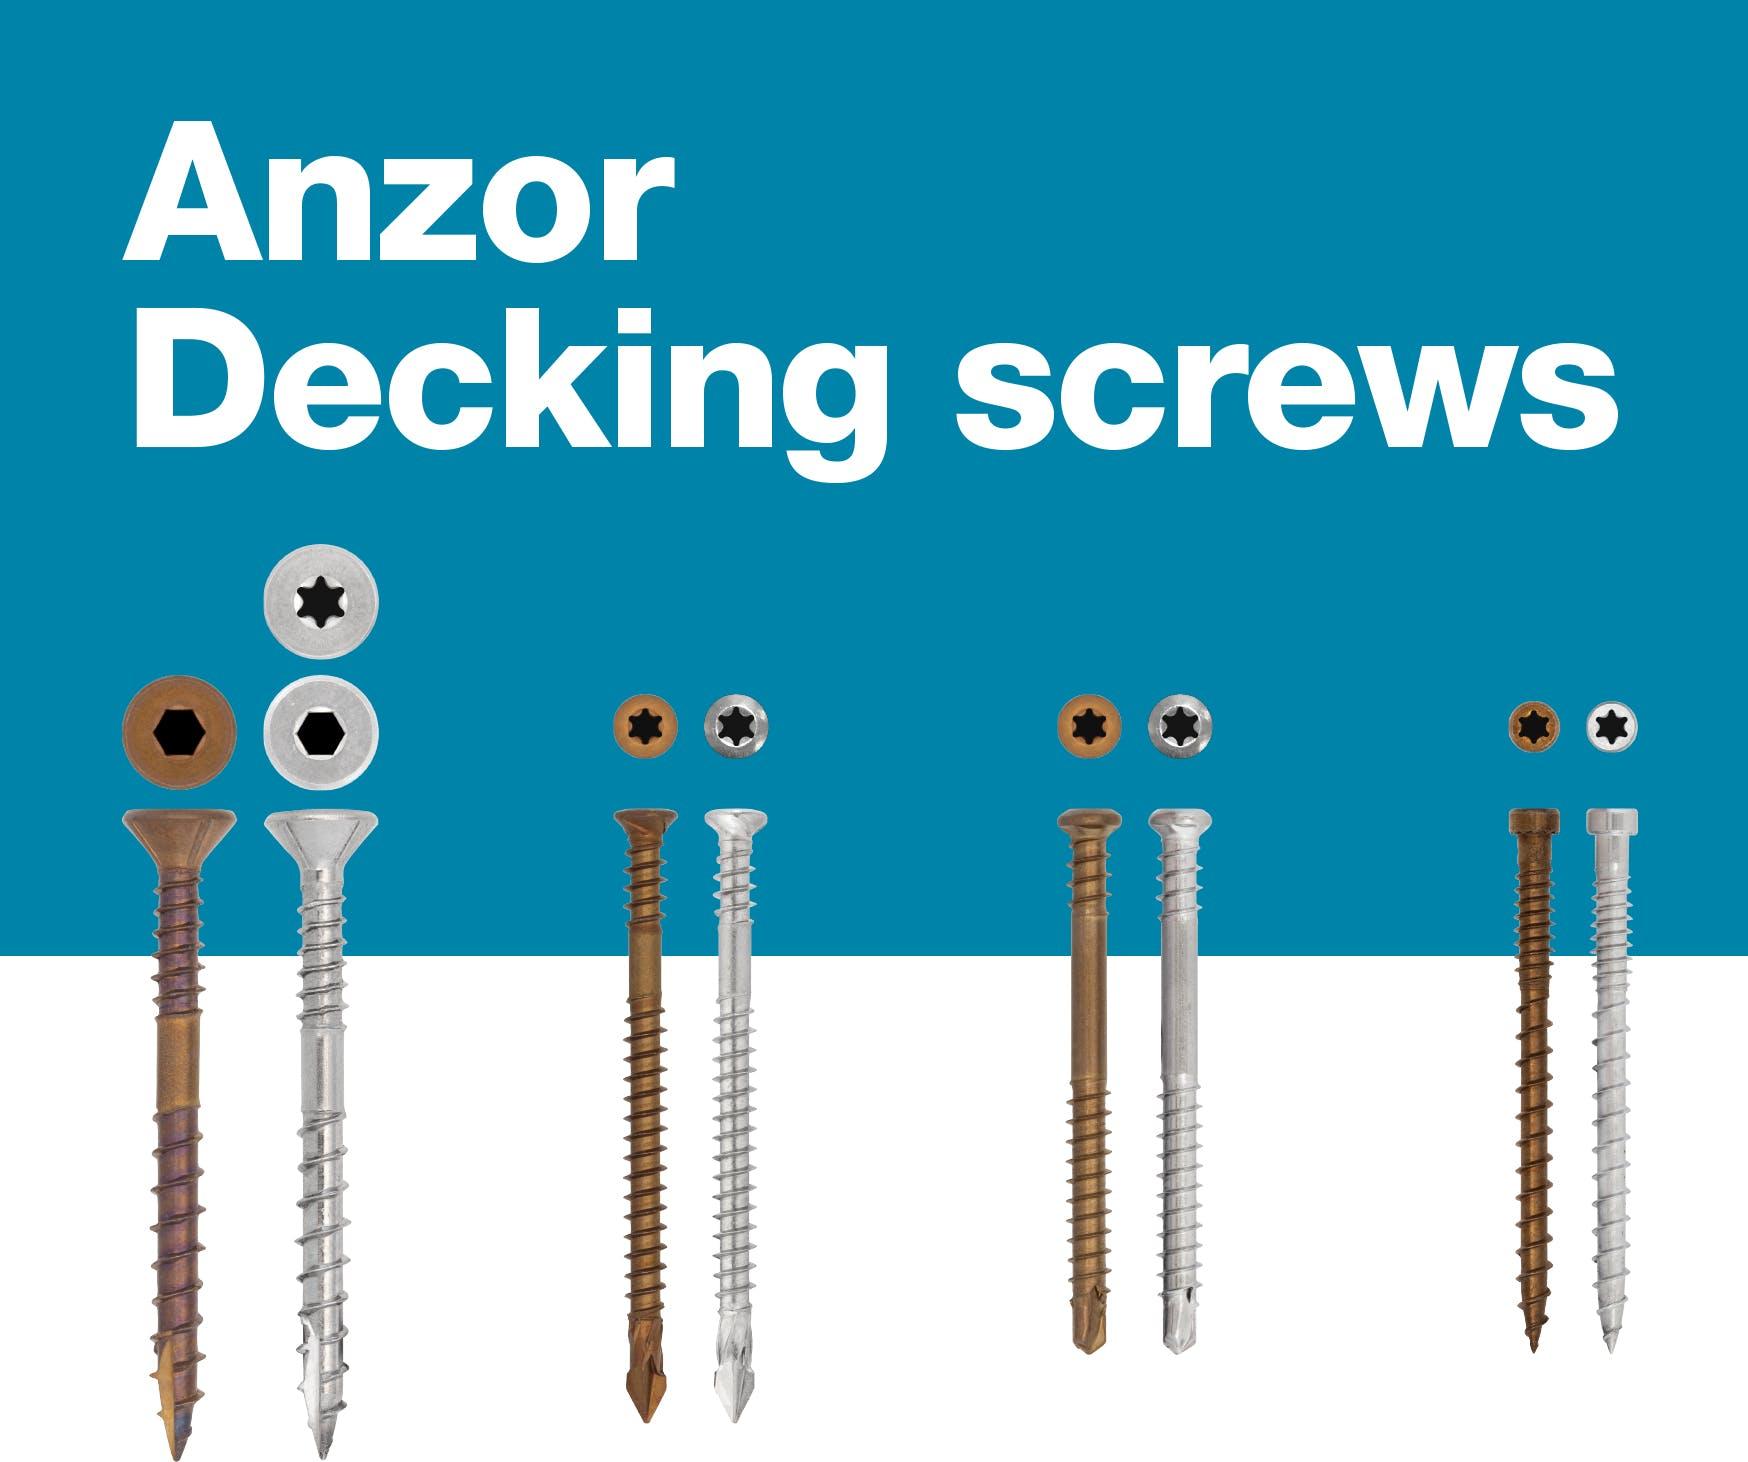 Nz Decking Screws. Blog. A5